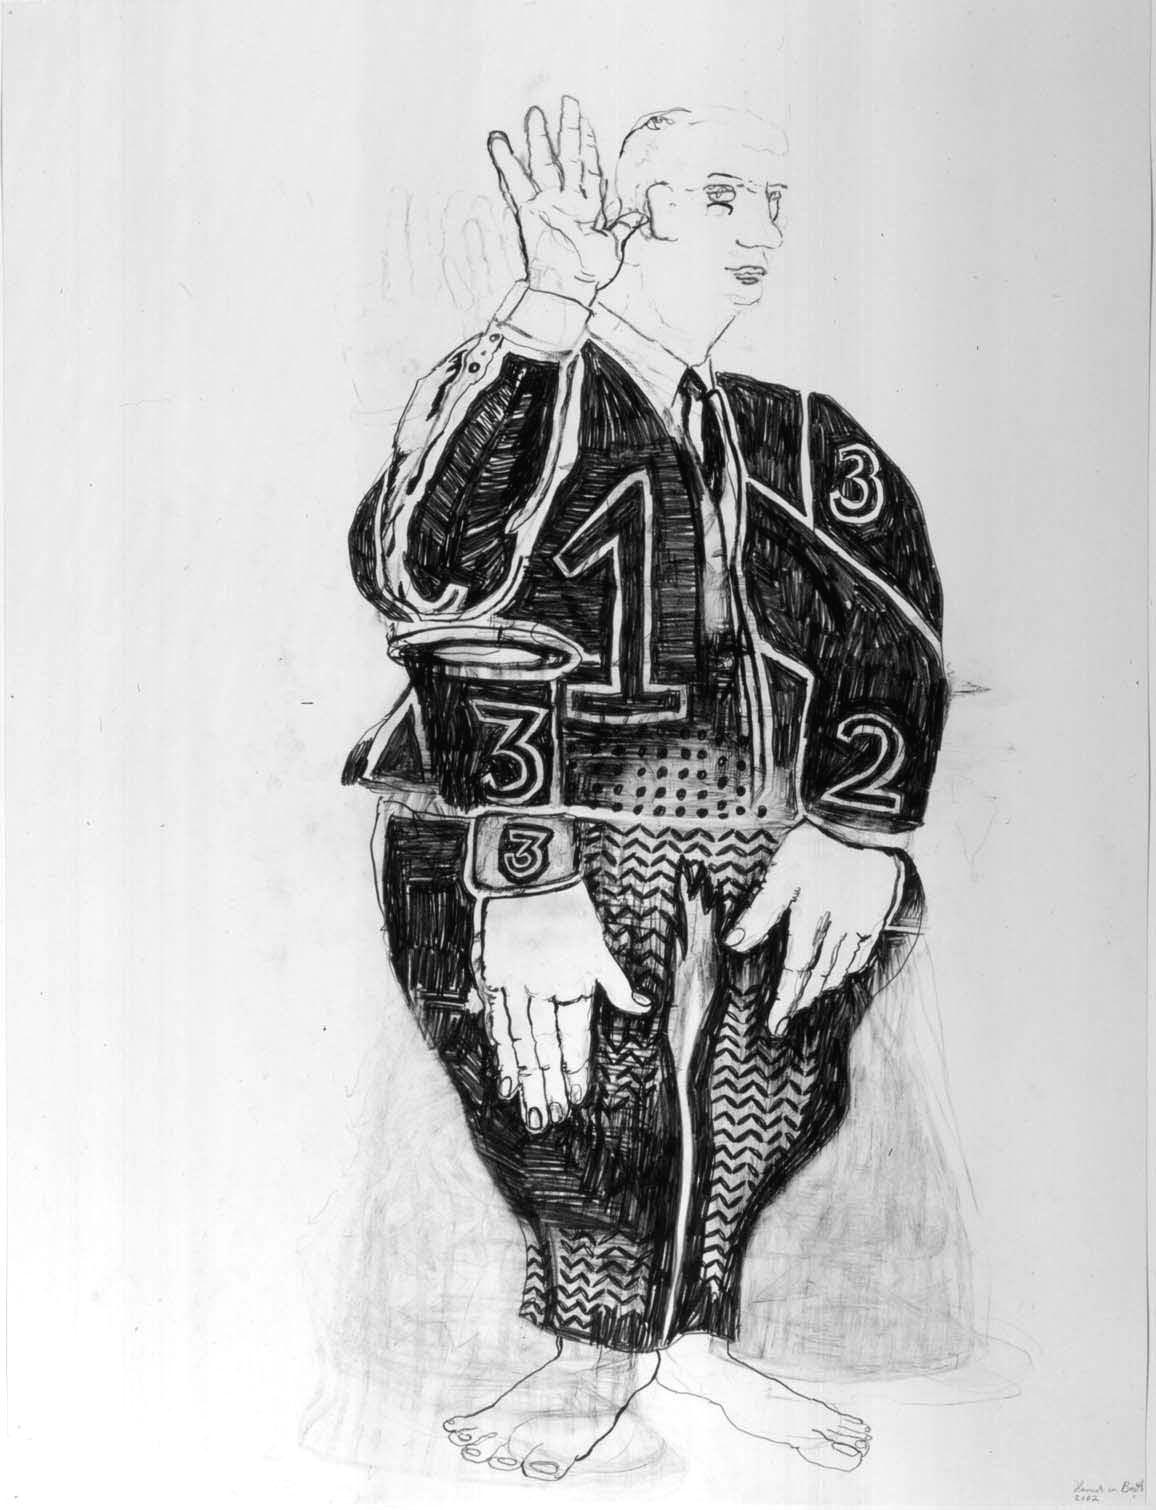 Suspect, 2002, Graphite on paper